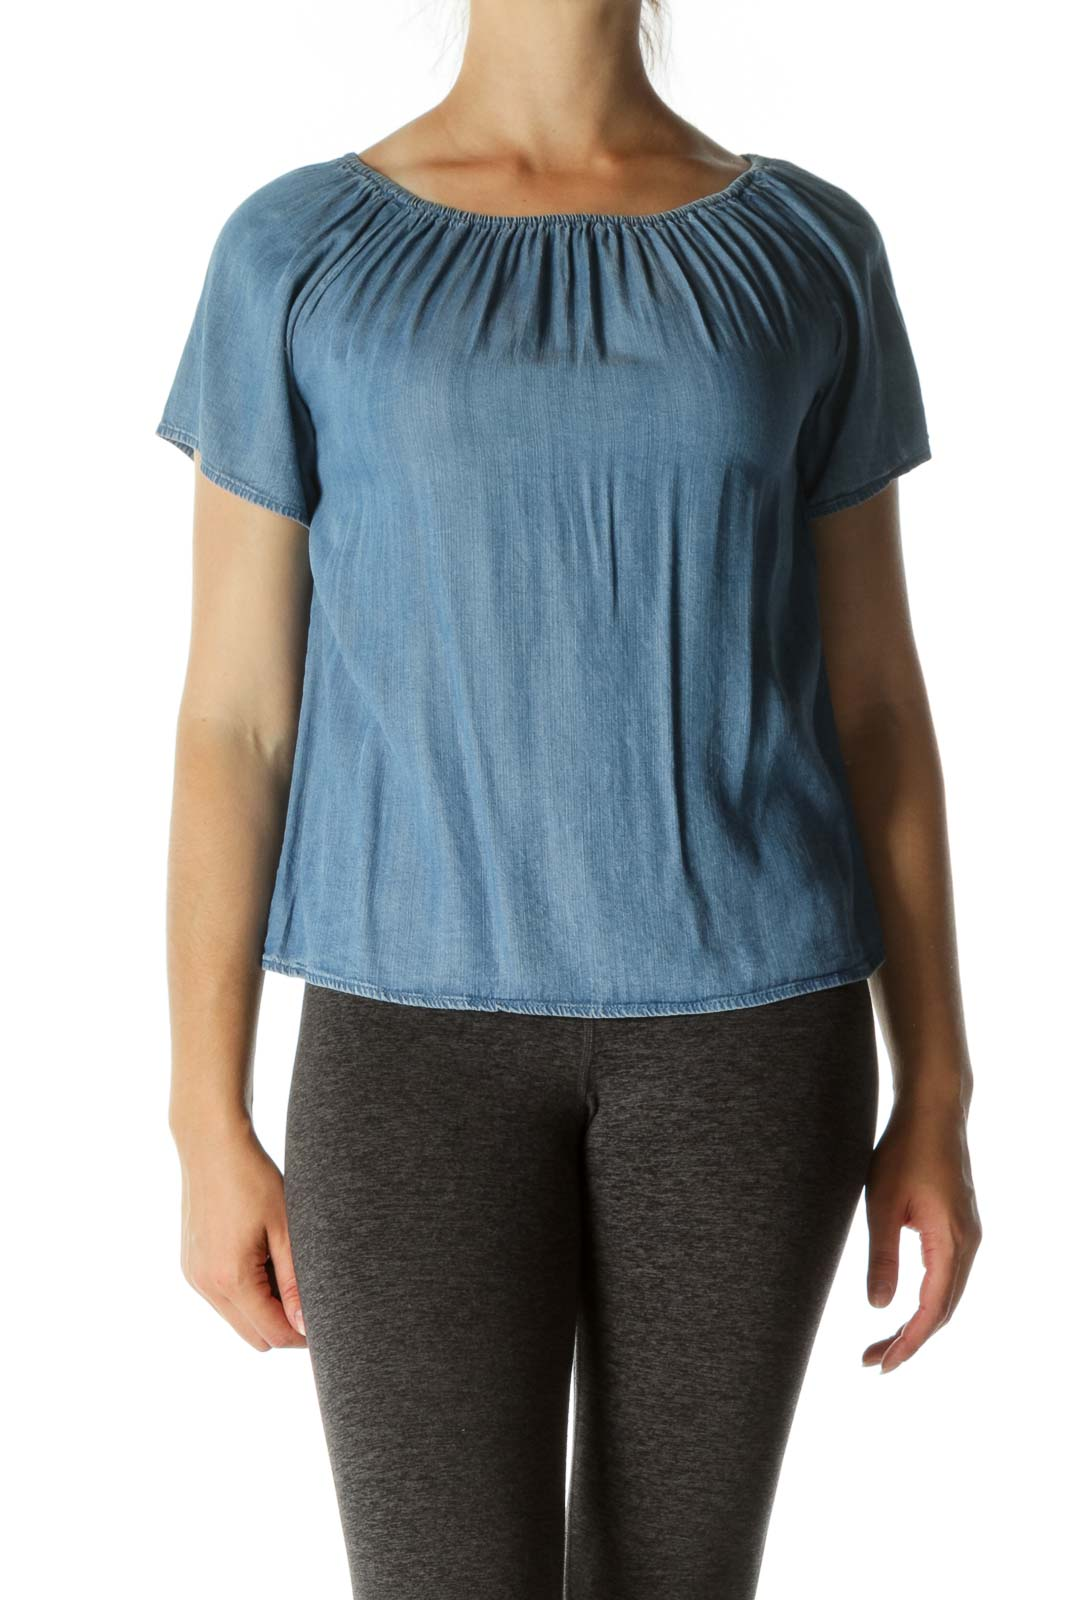 Blue Medium Wash Cold Shoulder Short Sleeve Top Front